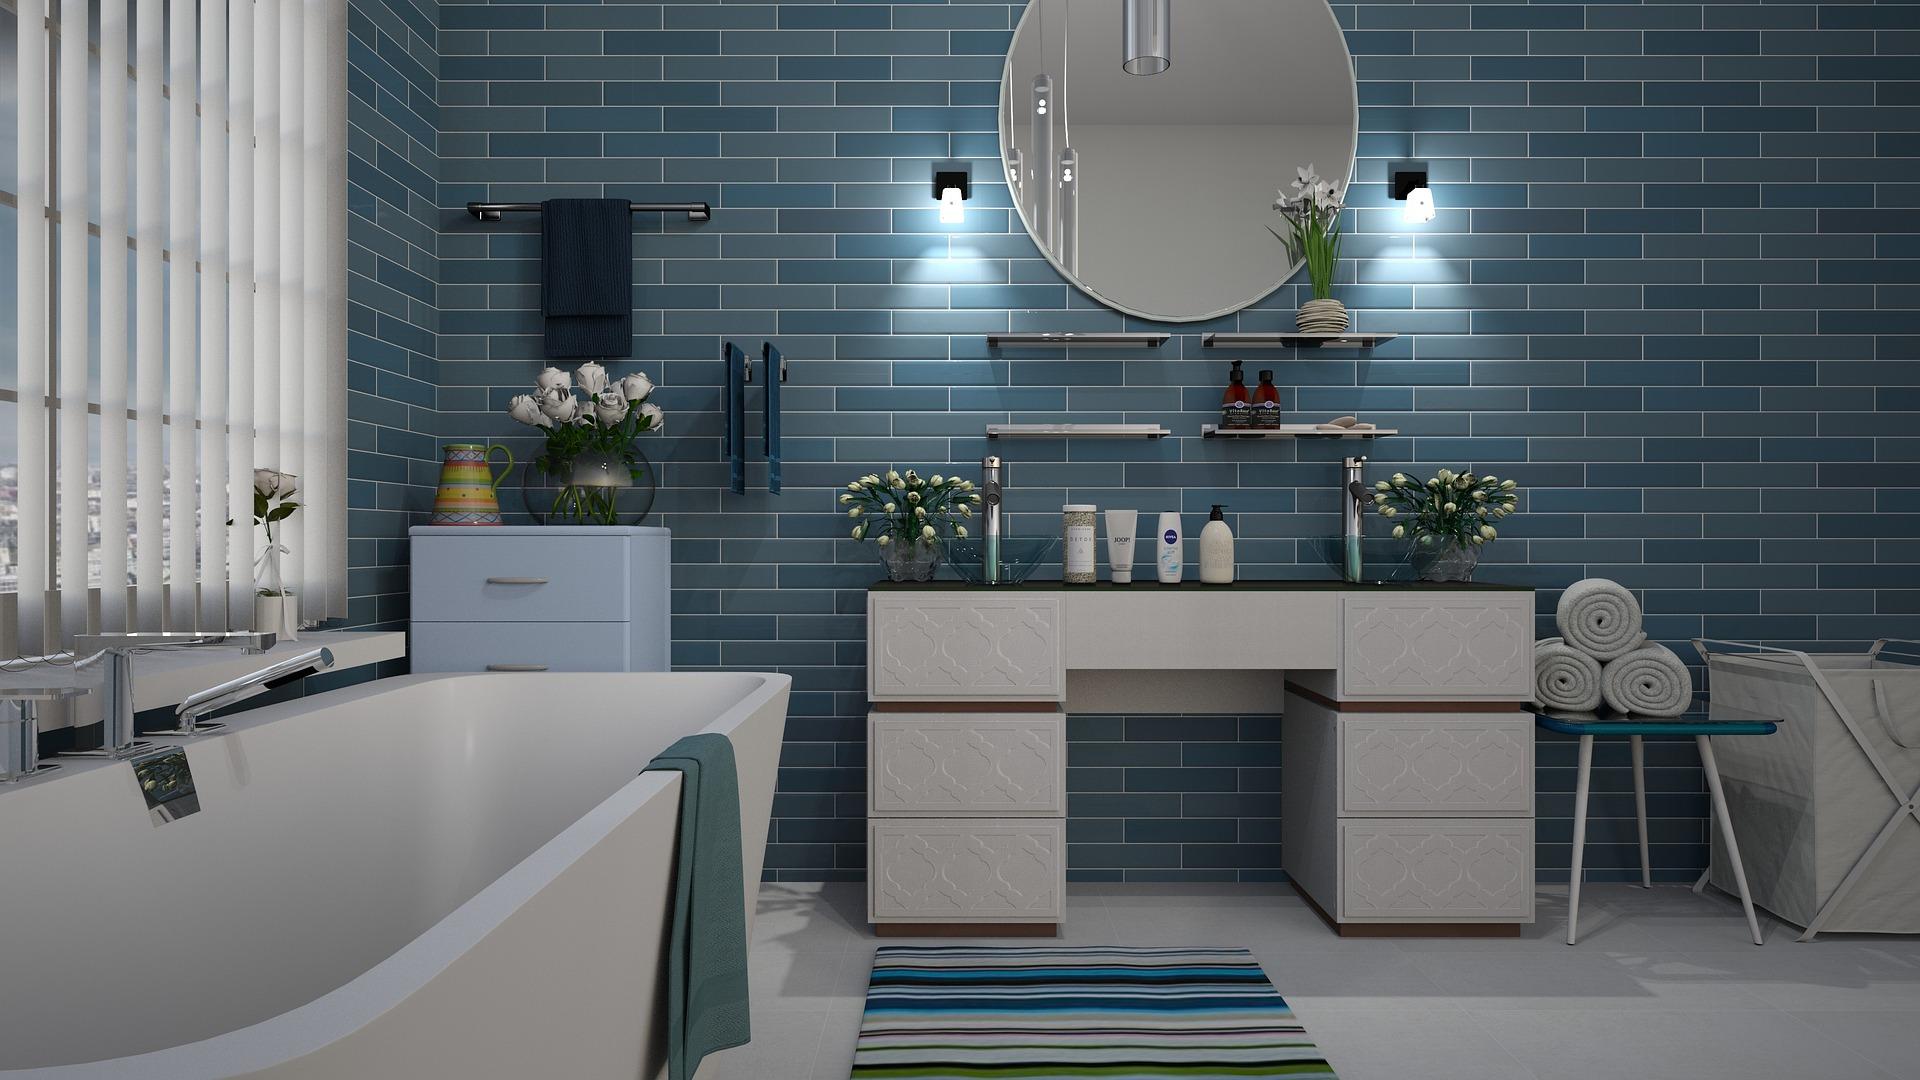 Ist dein Bad klein oder groß? Das solltest du bei der Planung berücksichtigen